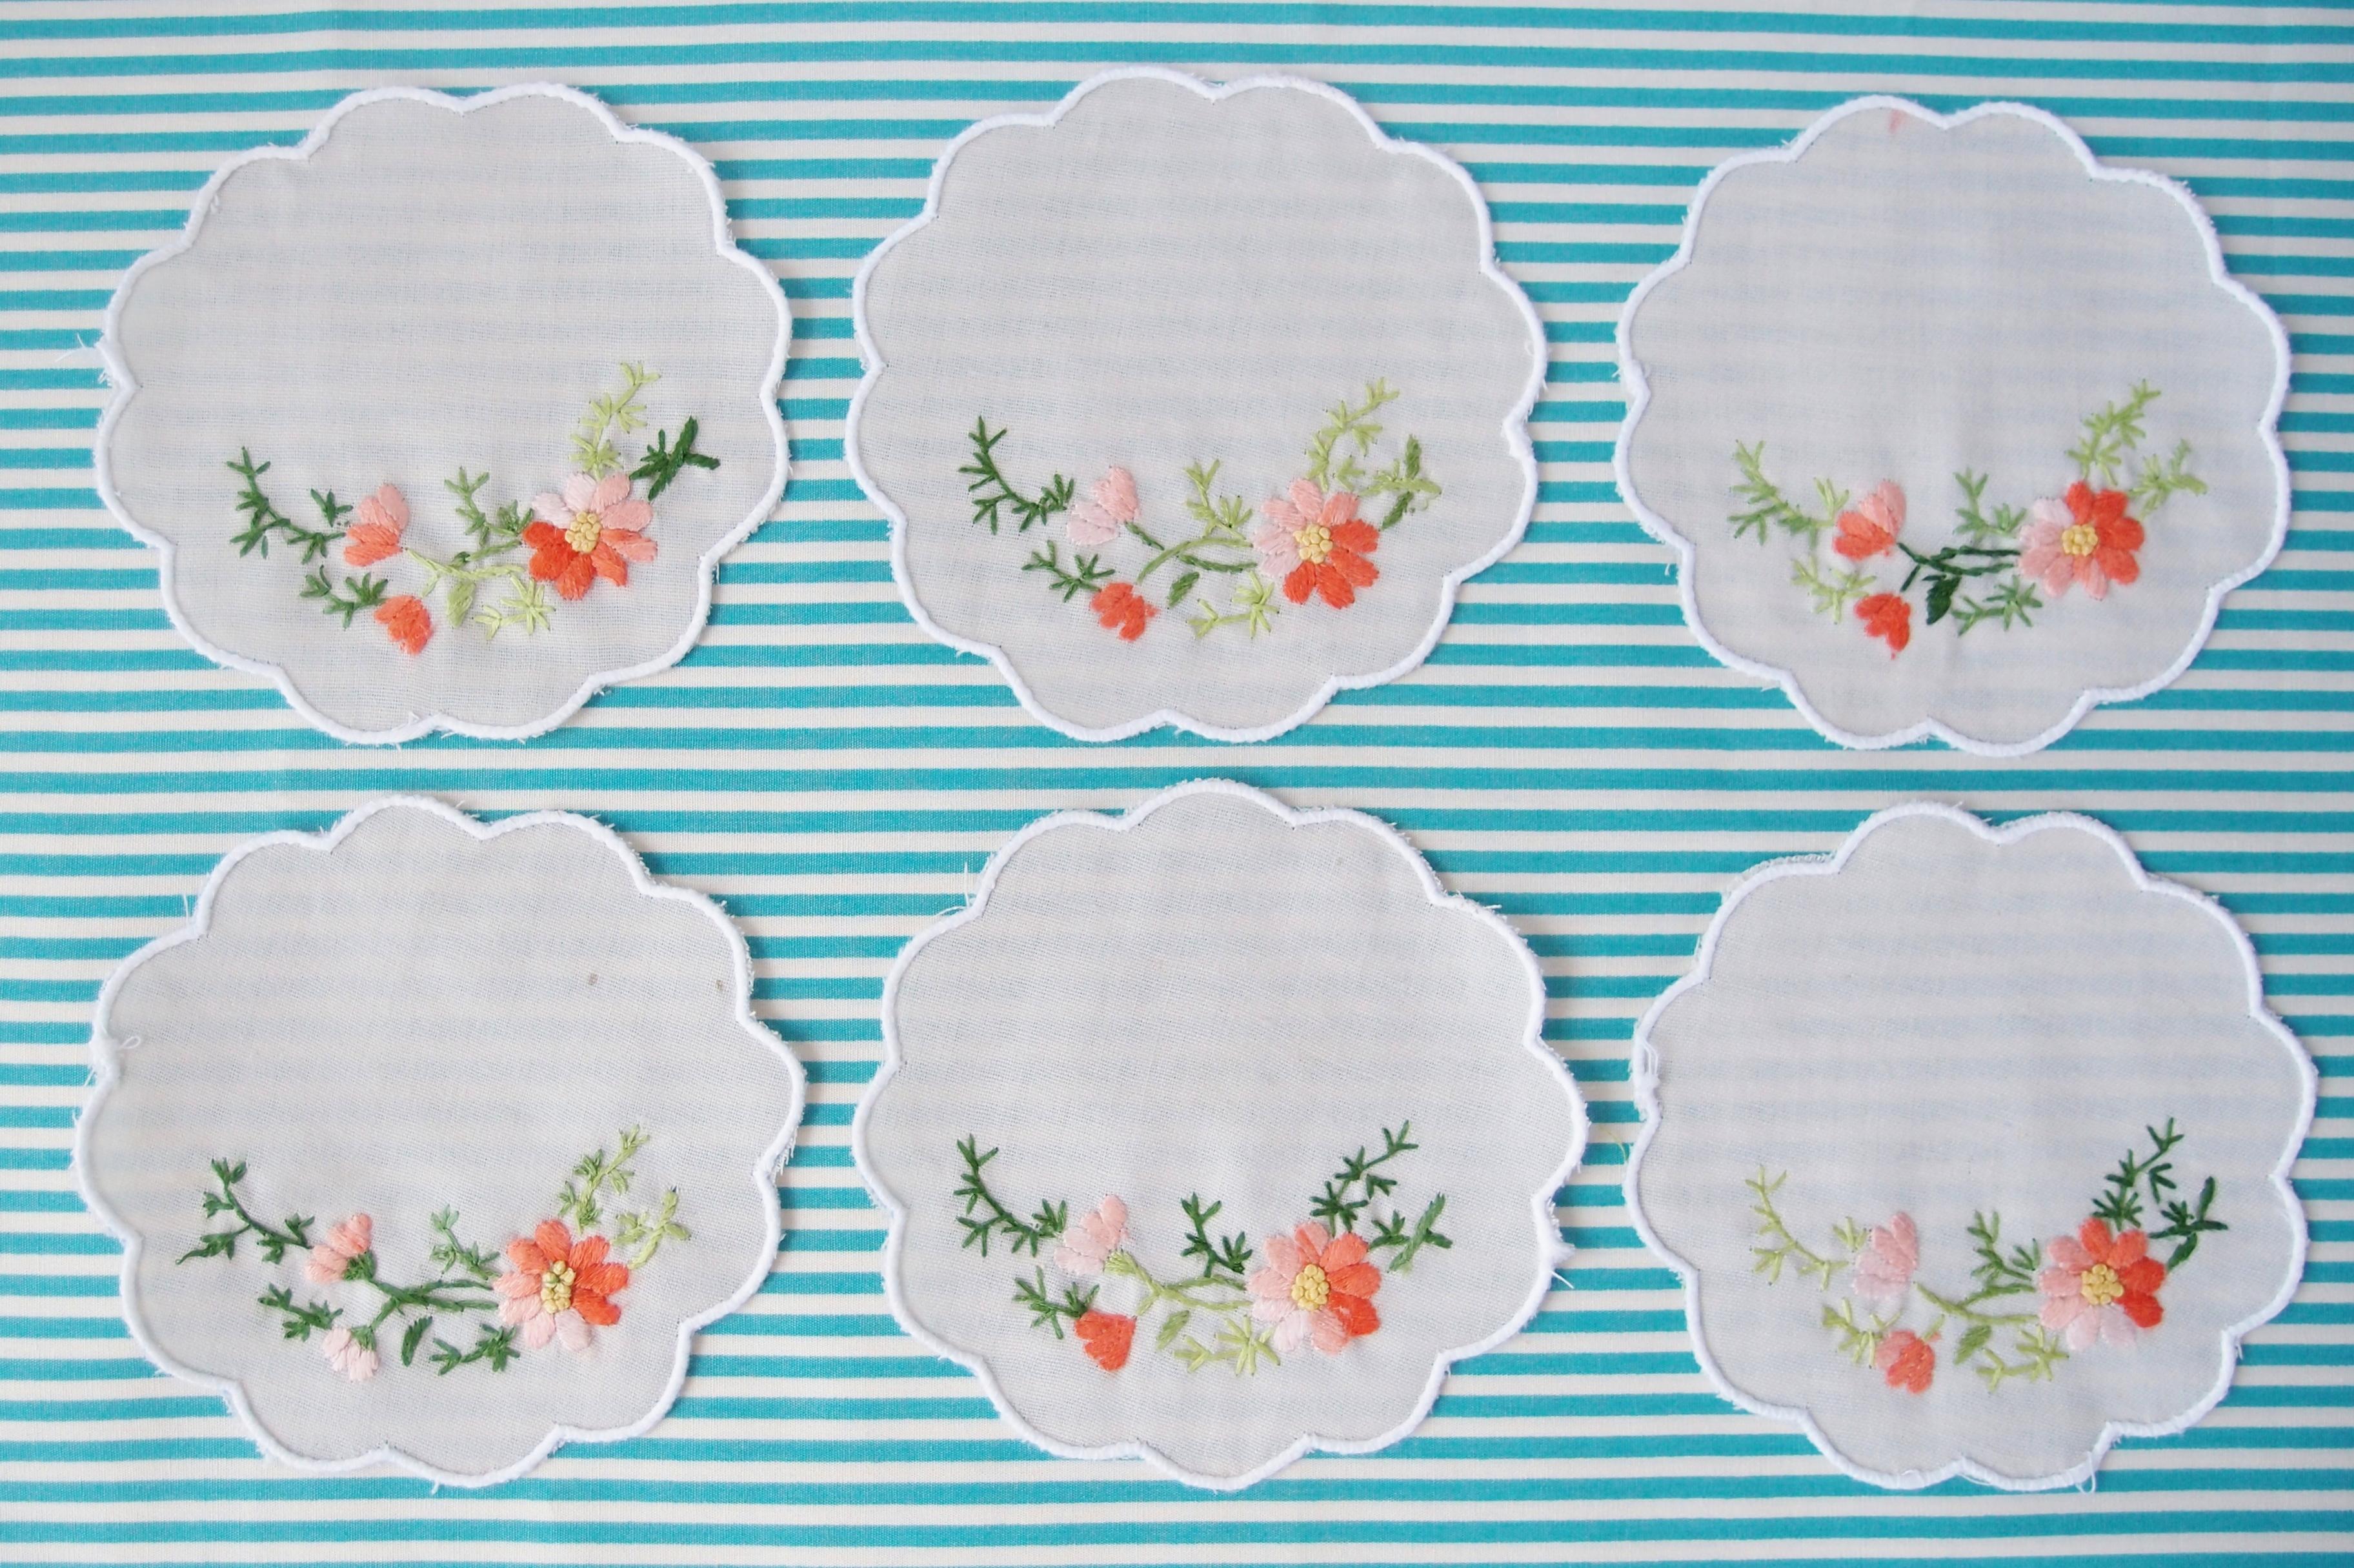 ベトナムの雑貨 ーお花の刺繍が施されたコースターと巾着ー